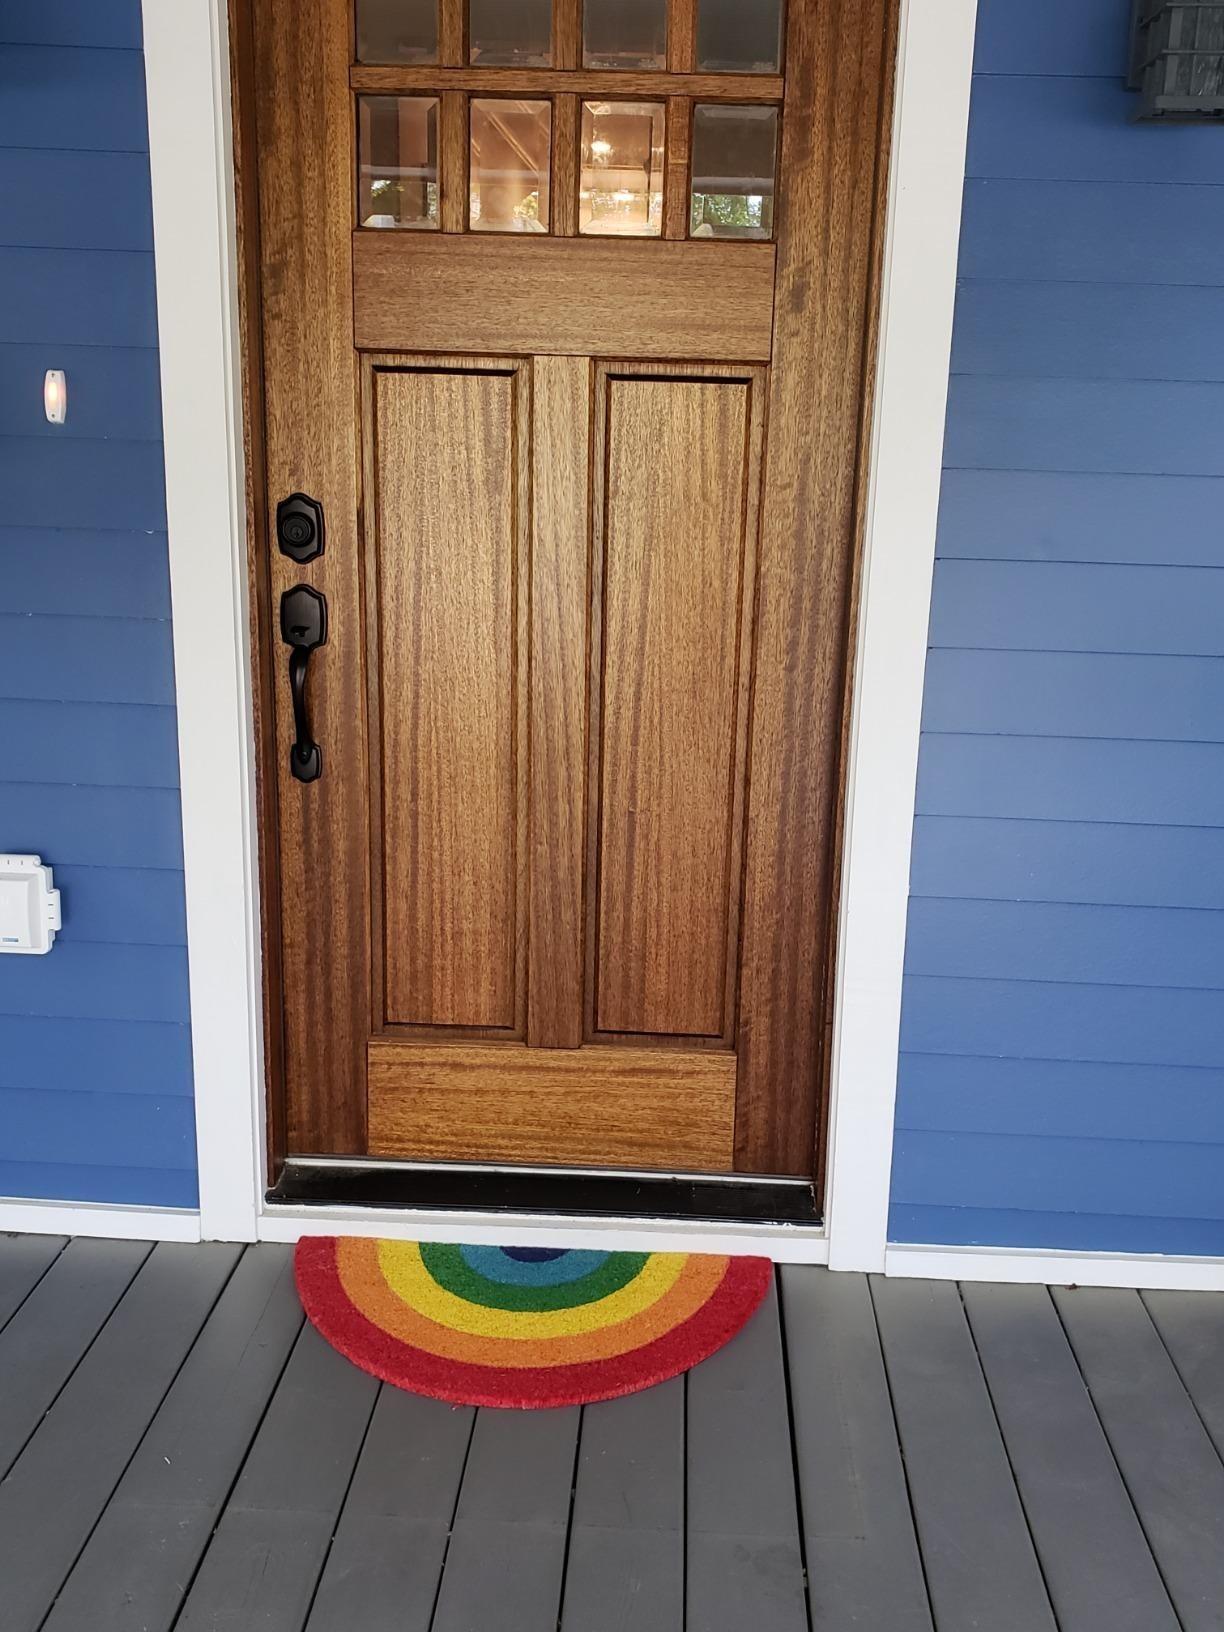 doormat shaped like semi circle rainbow